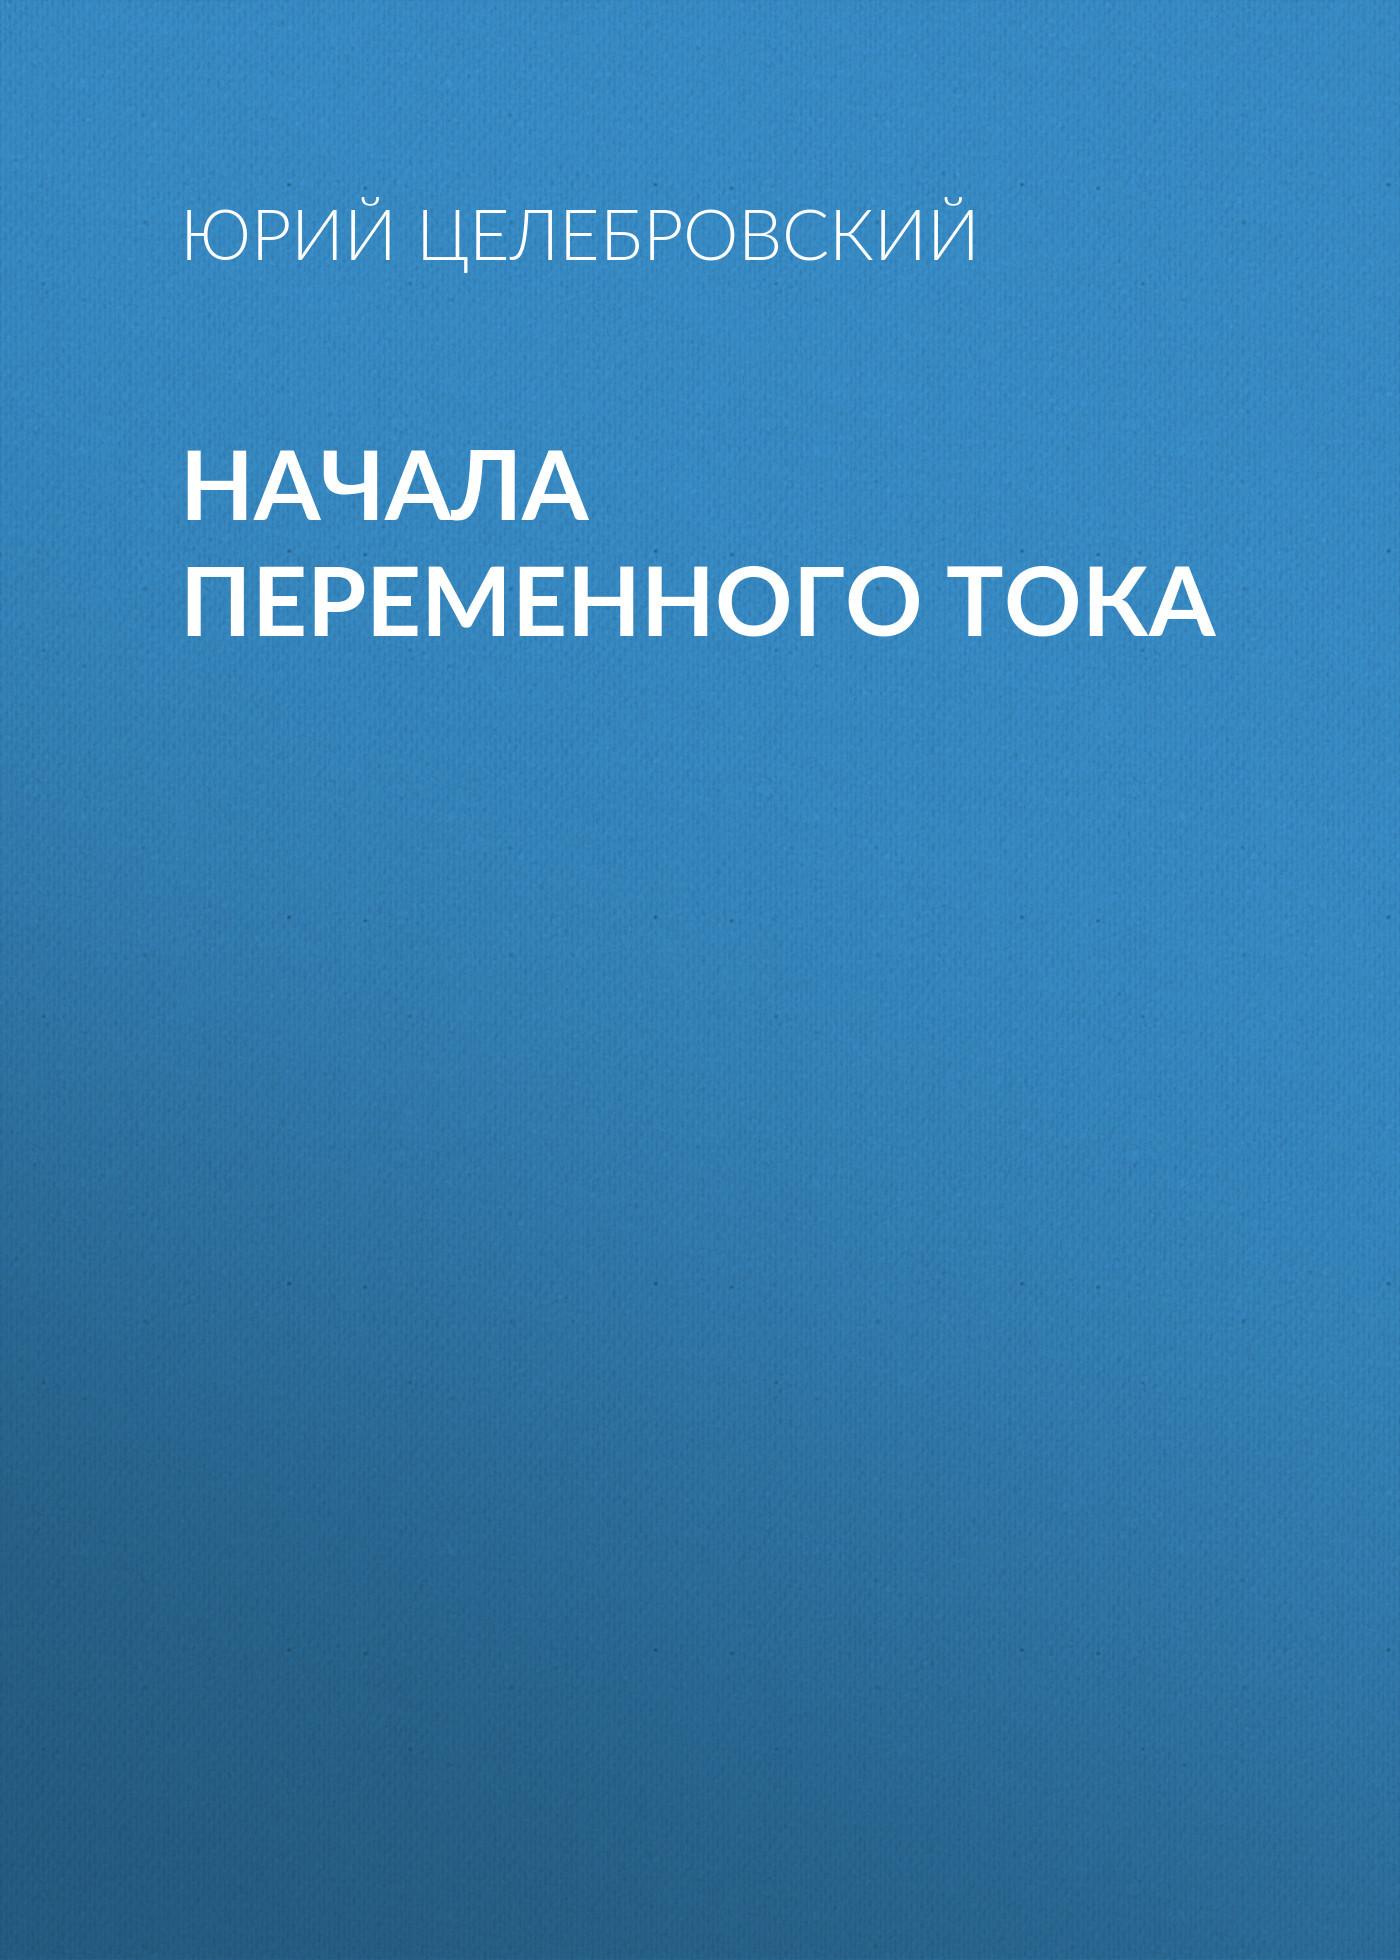 Юрий Целебровский бесплатно